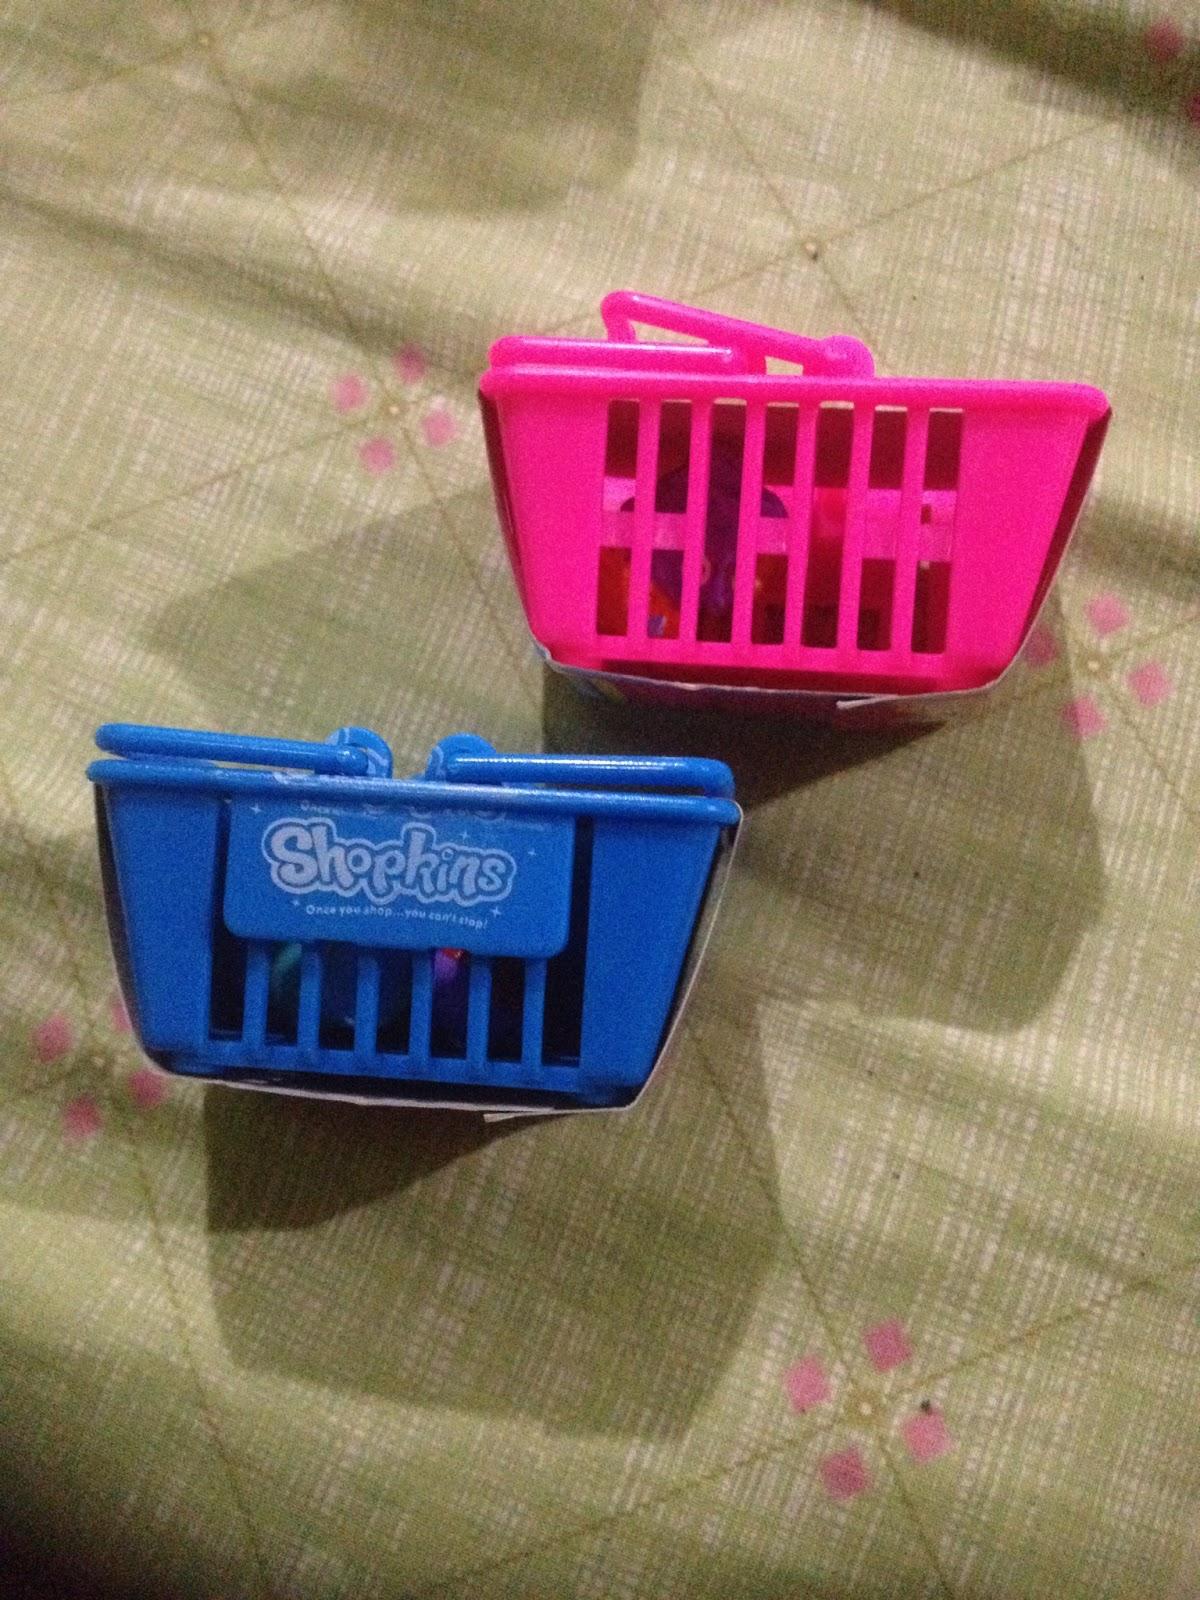 Jamie S Toy Blog Shopkins Blind Basket Bootlegs